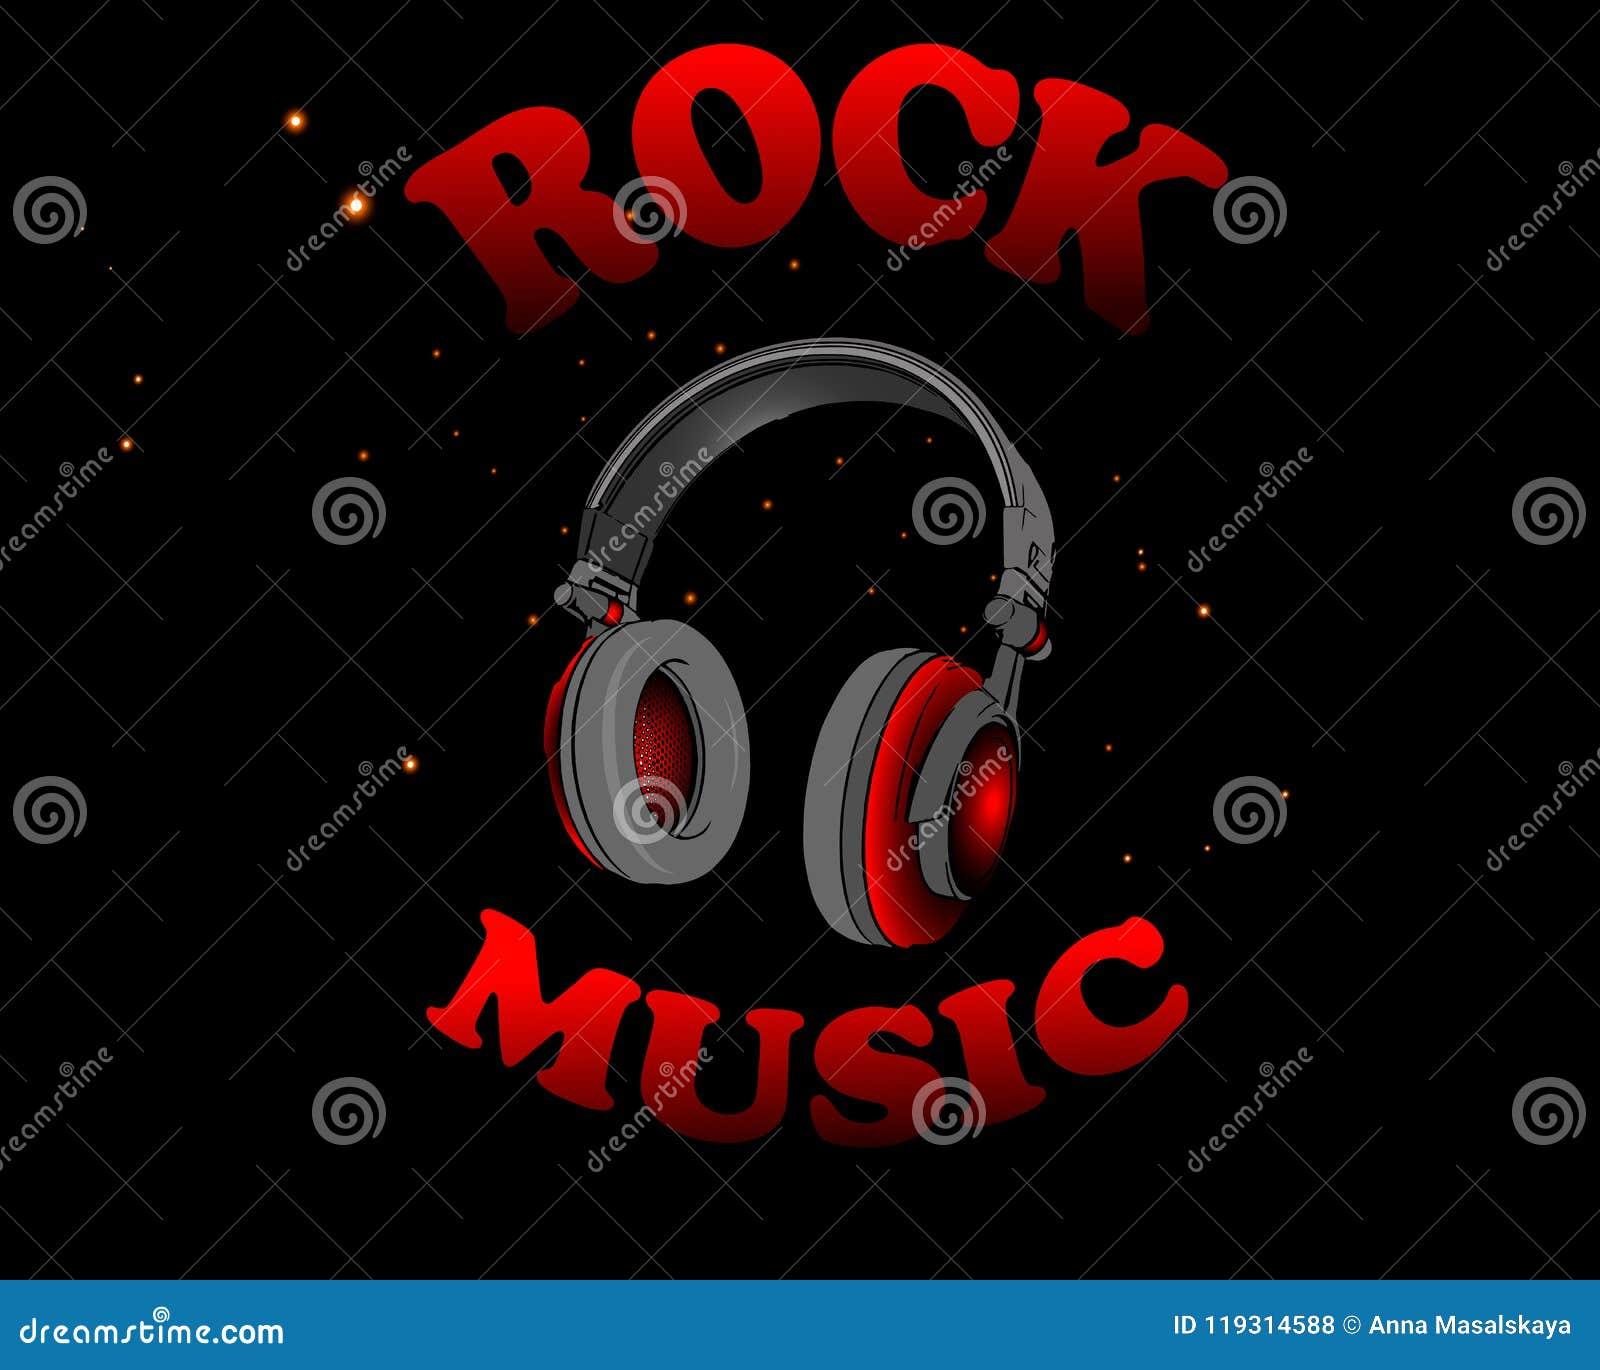 Vector Illustration von roten Kopfhörern mit der Wortrockmusik auf einem schwarzen Hintergrund